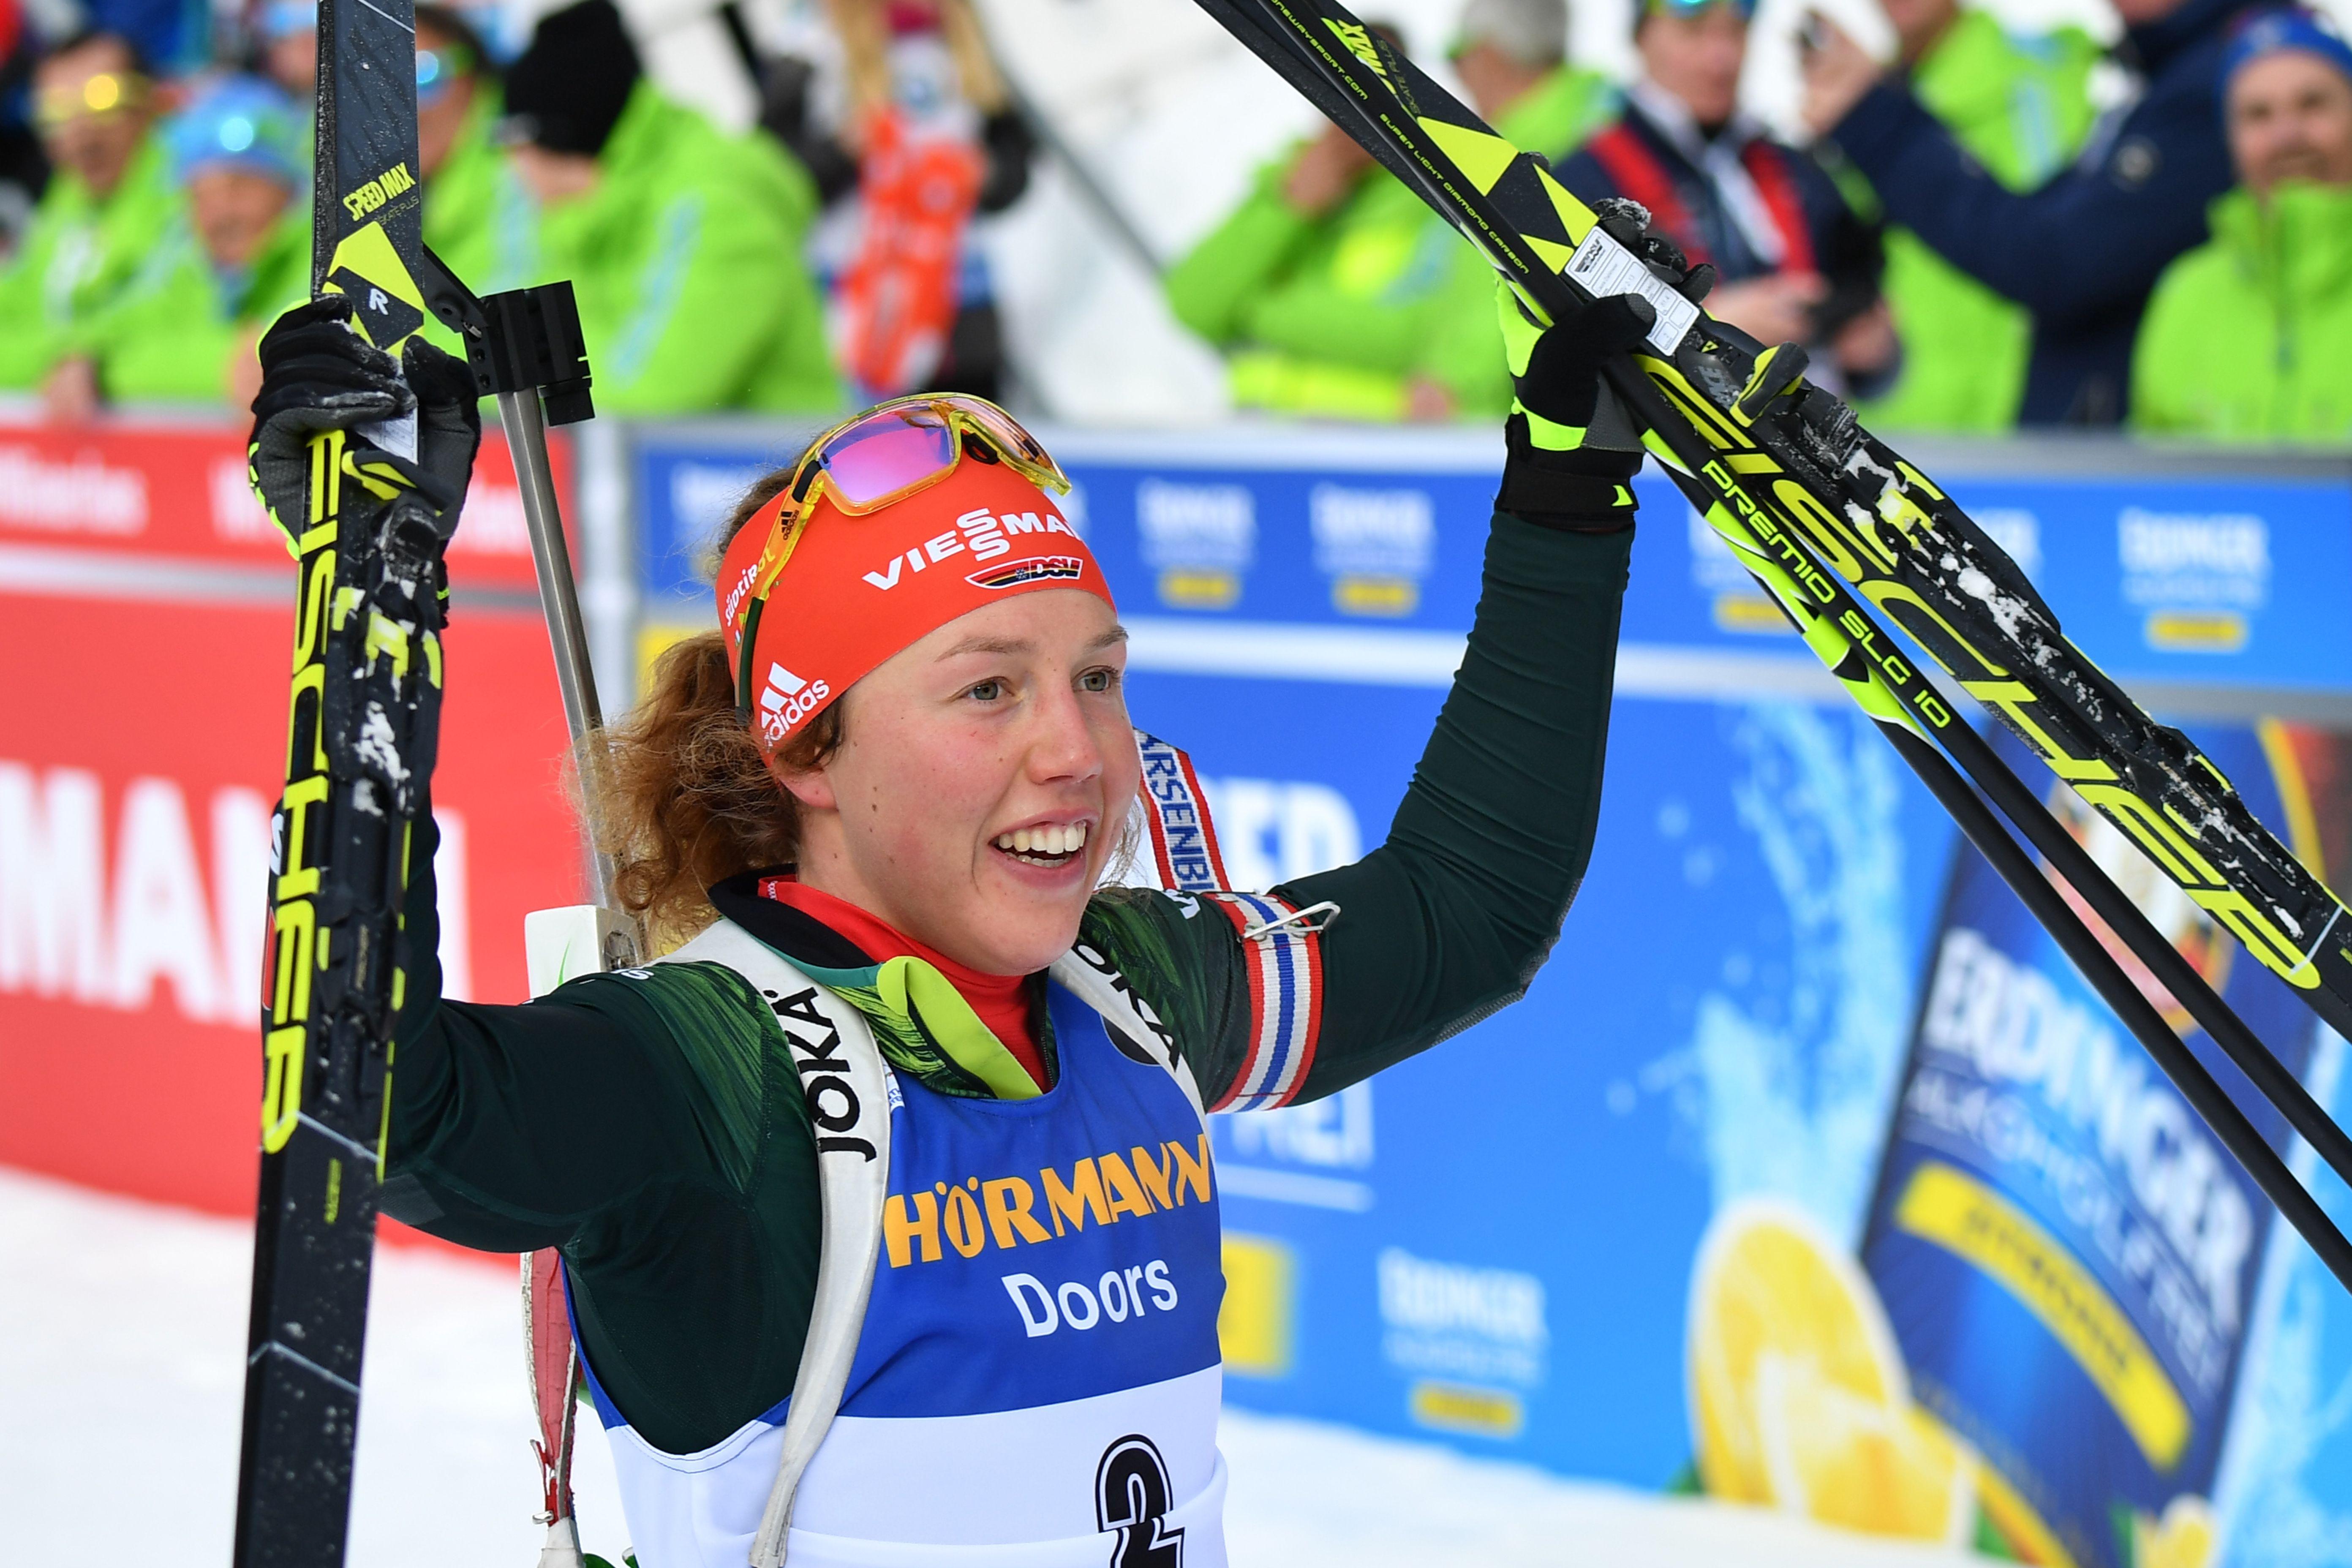 Sports d'hiver - Dahlmeier monte en puissance, Dorin-Habert se rassure